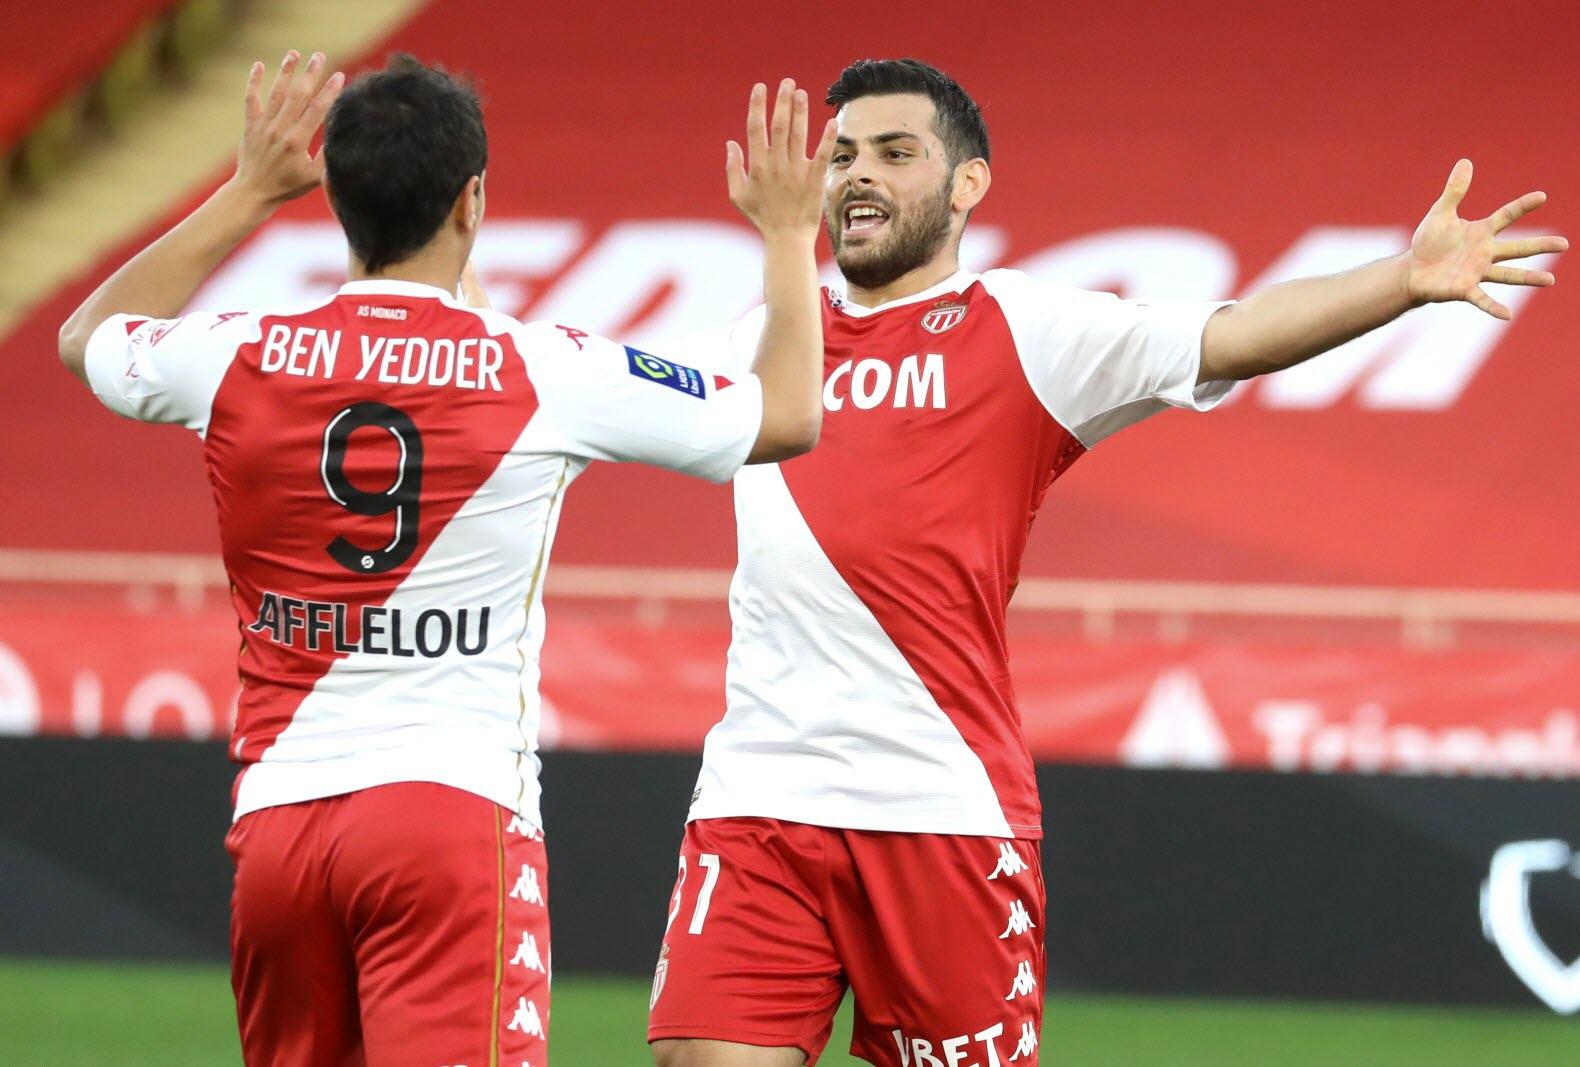 Foot / Ligue 1 - Le 11 Type Fans de la 20ème journée | Sport Business Mag